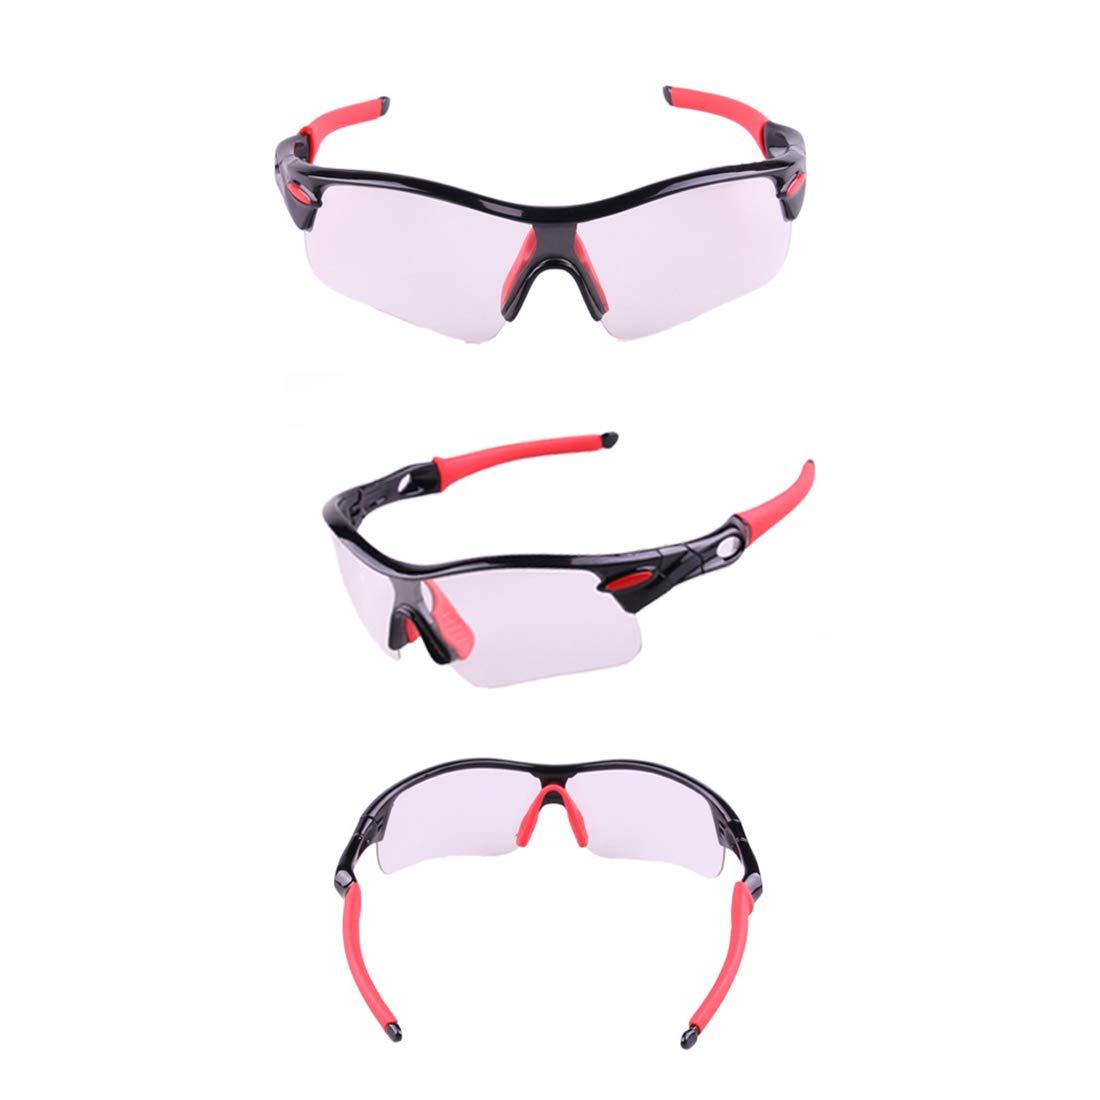 10095f6008 Hemotrade Gafas para bicicletas al aire libre Gafas que cambian de color  Gafas adecuadas para los amantes del ciclismo al aire libre (Color :  Black-Red, ...